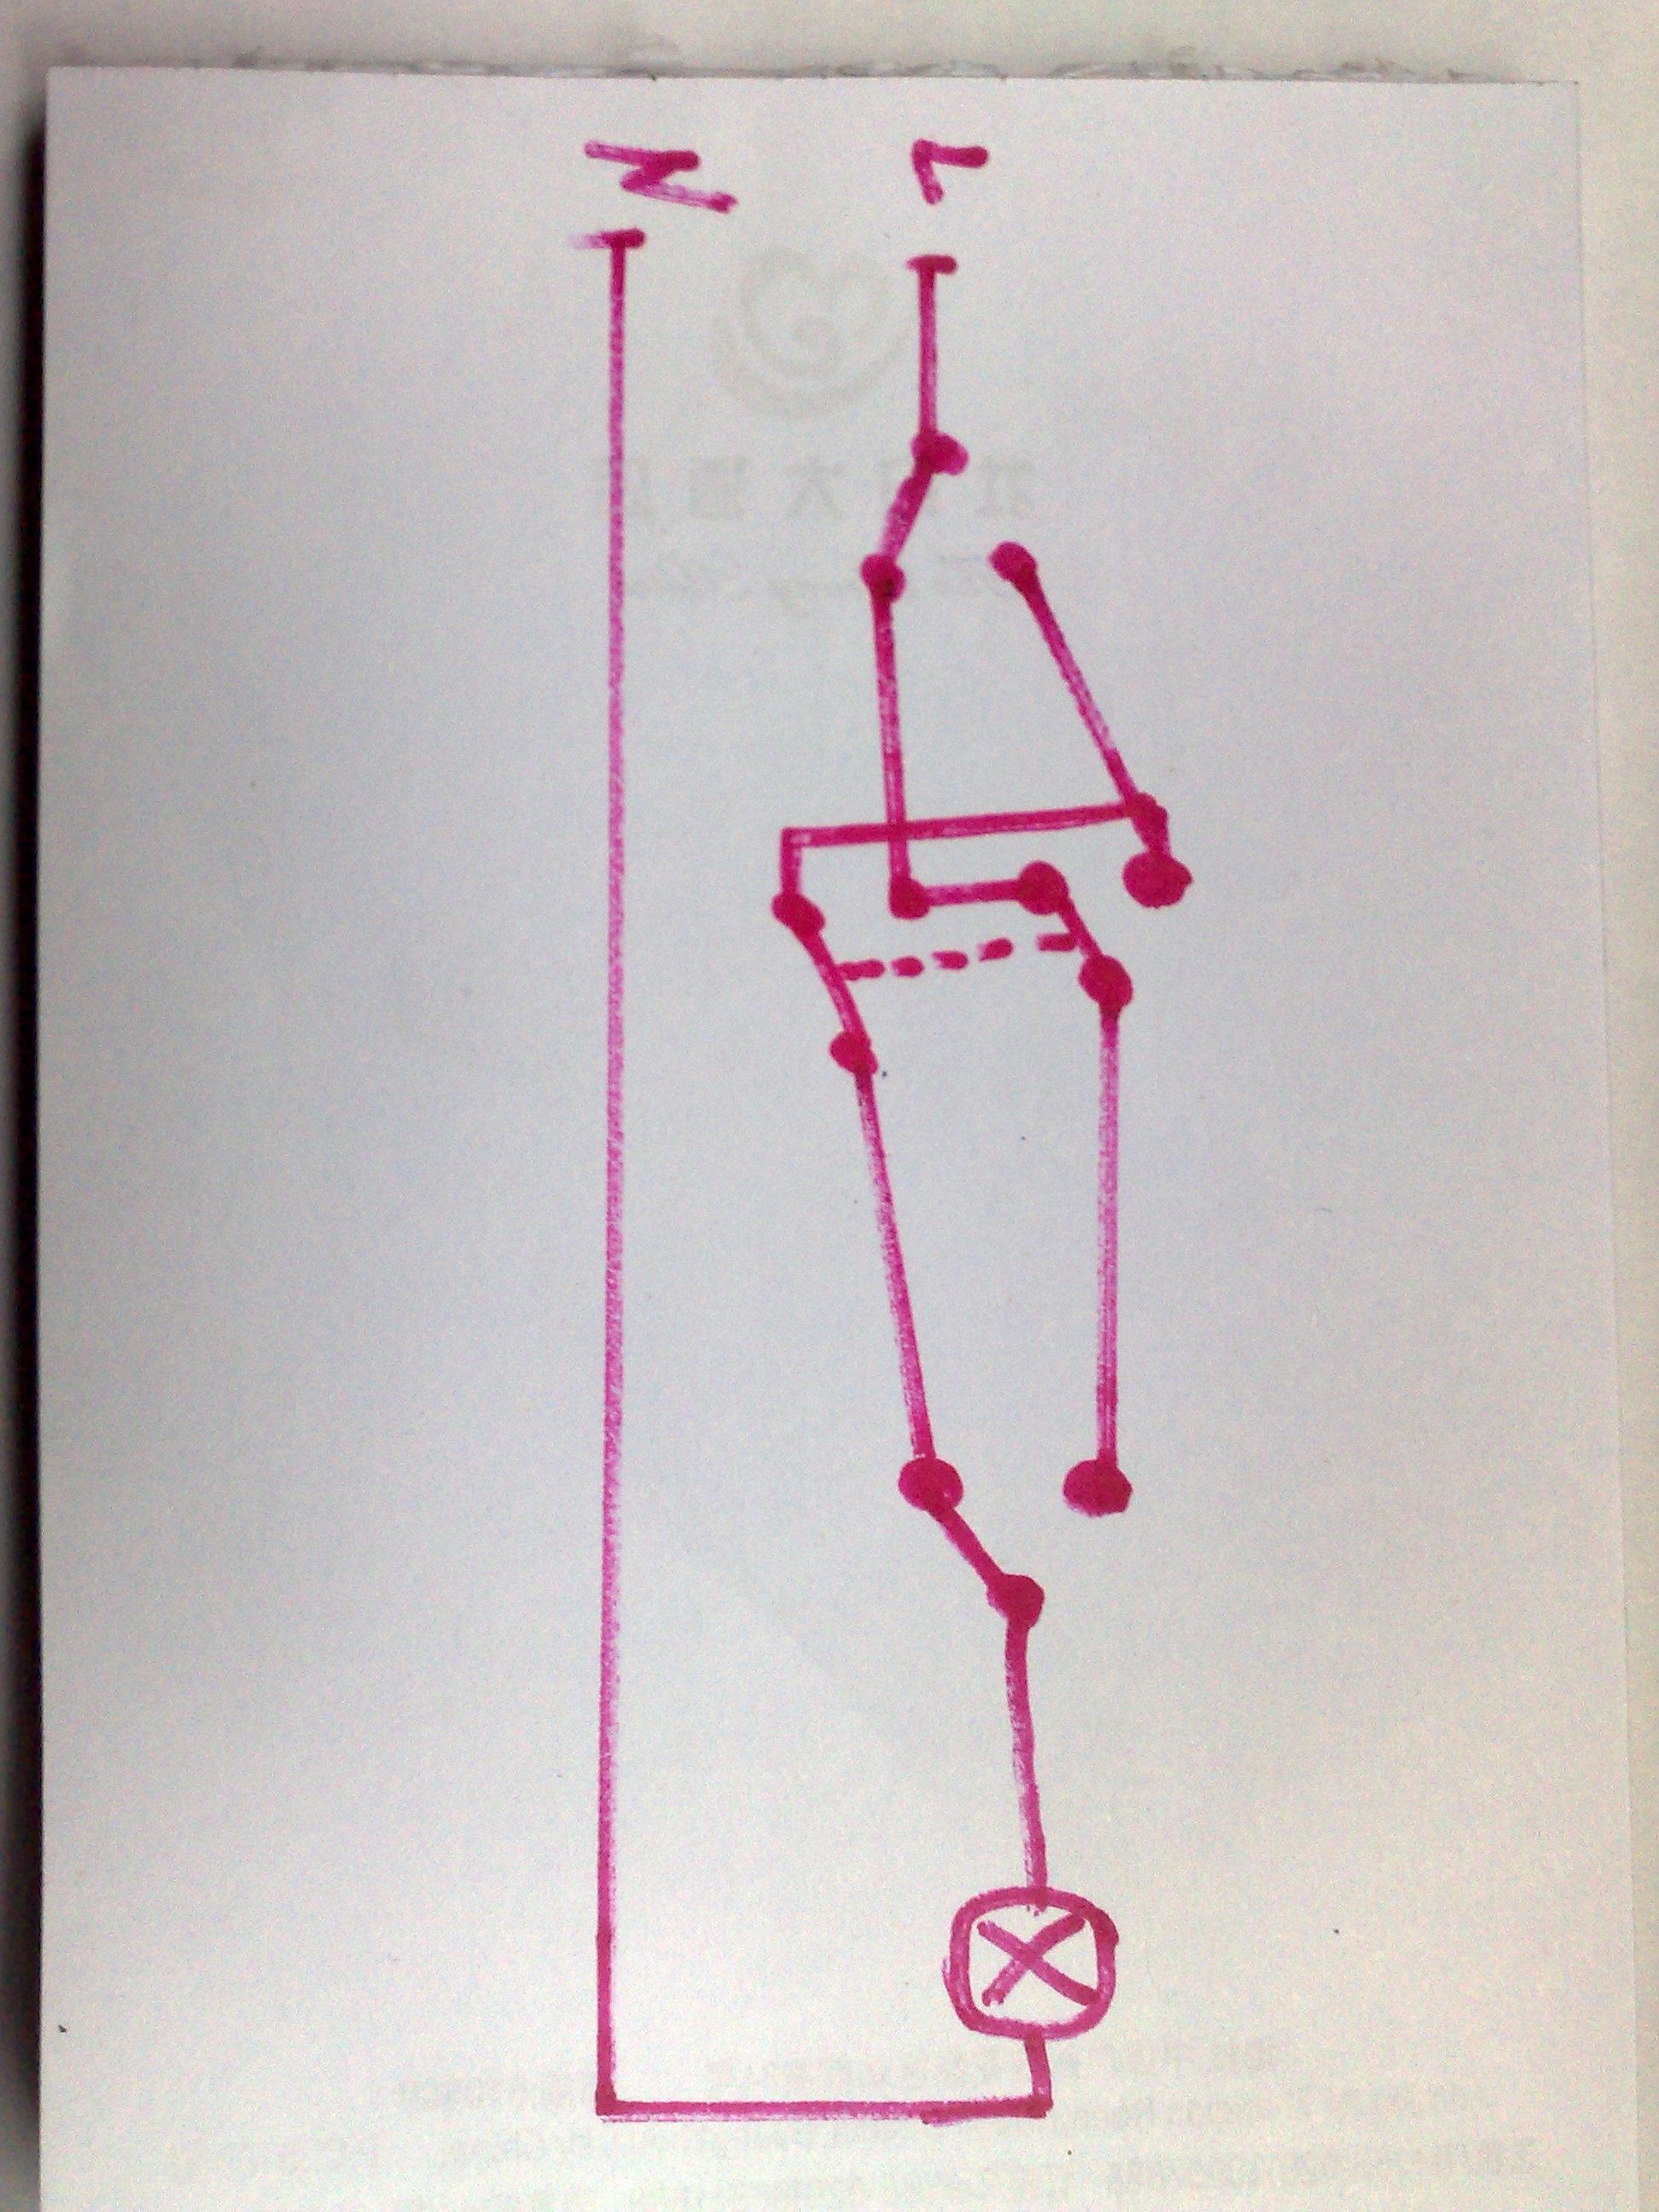 如何用三个开关控制一个灯的异地控制